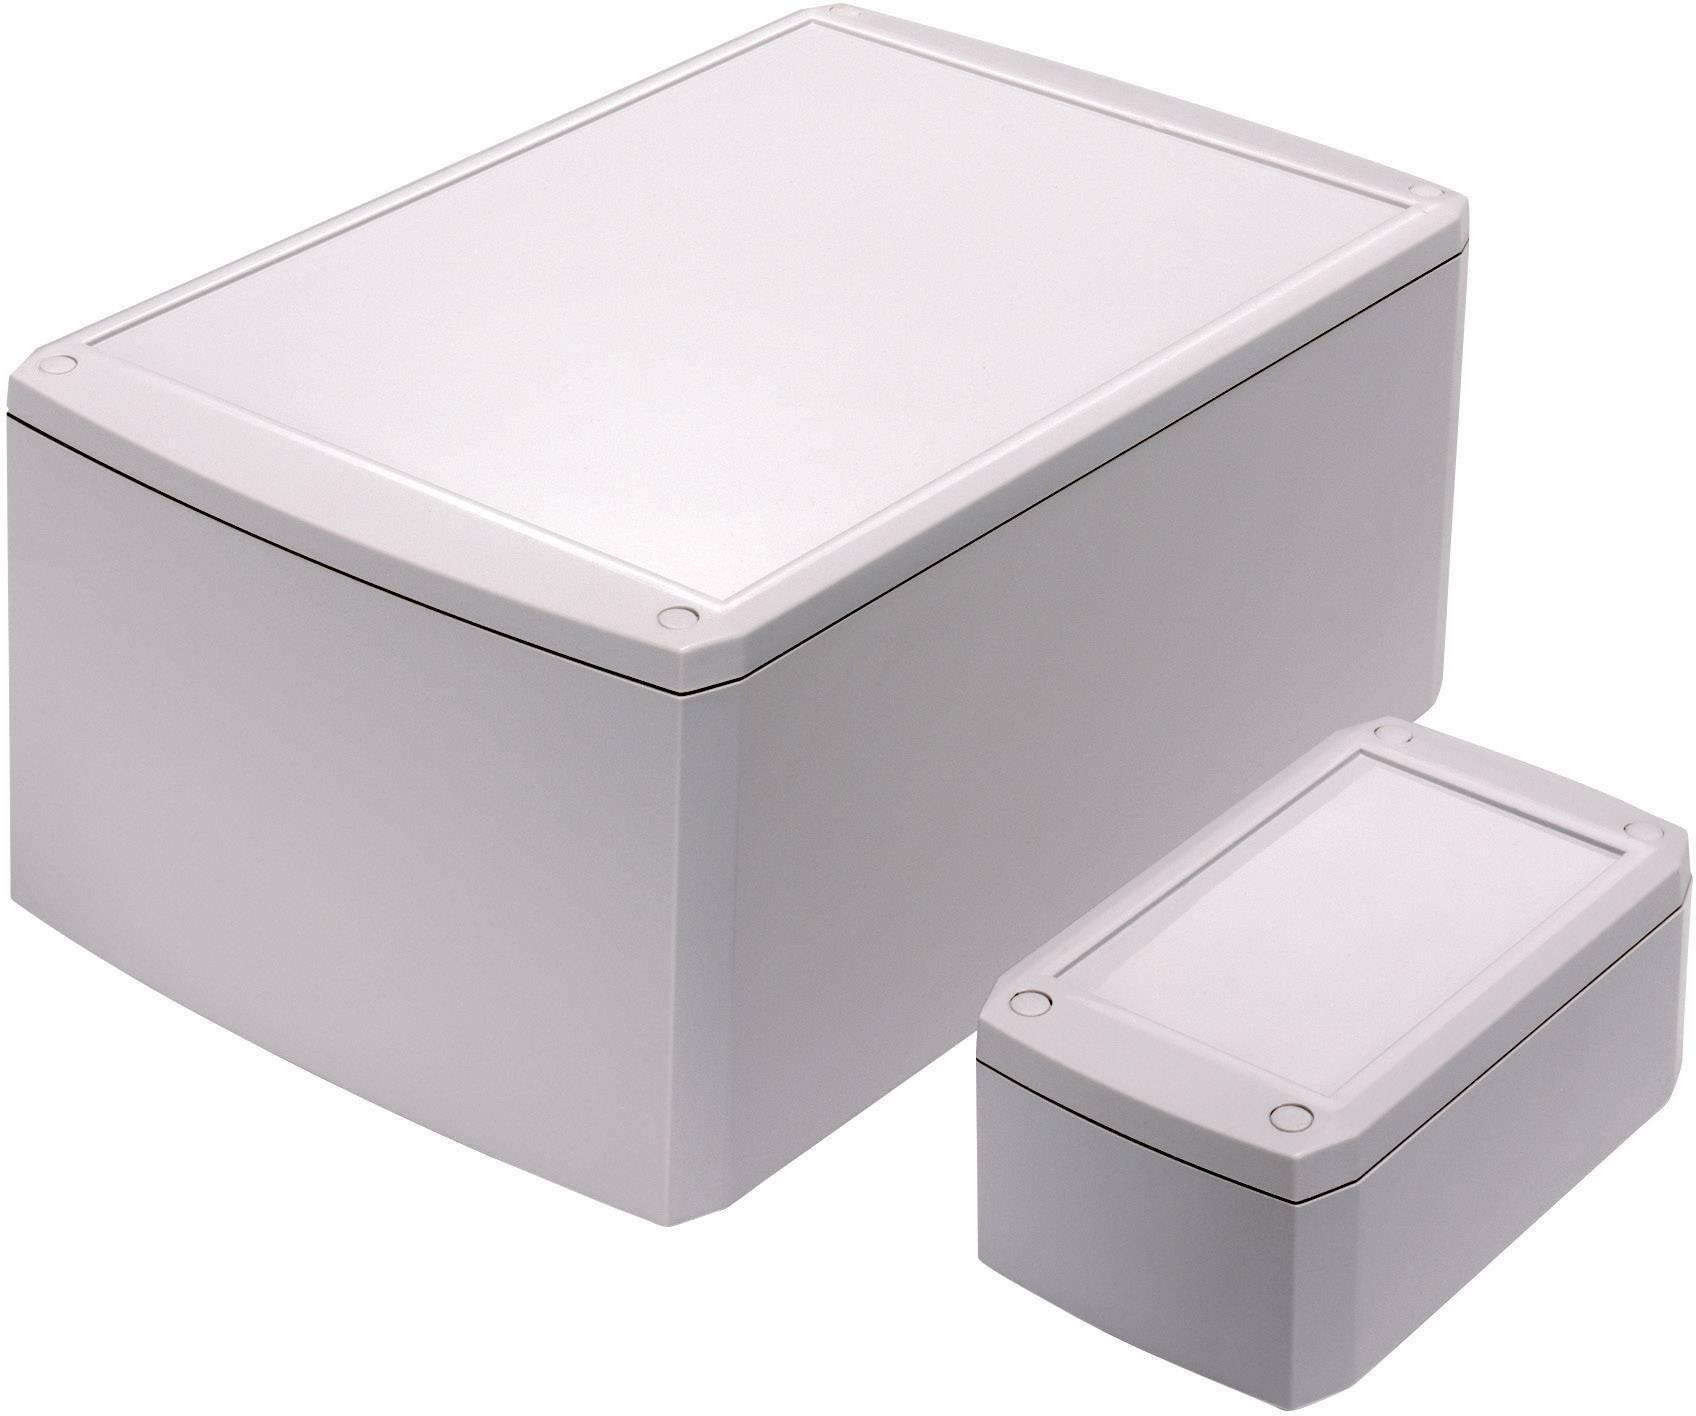 Univerzální pouzdro ABS Axxatronic, (d x š x v) 220 x 140 x 90 mm, šedá